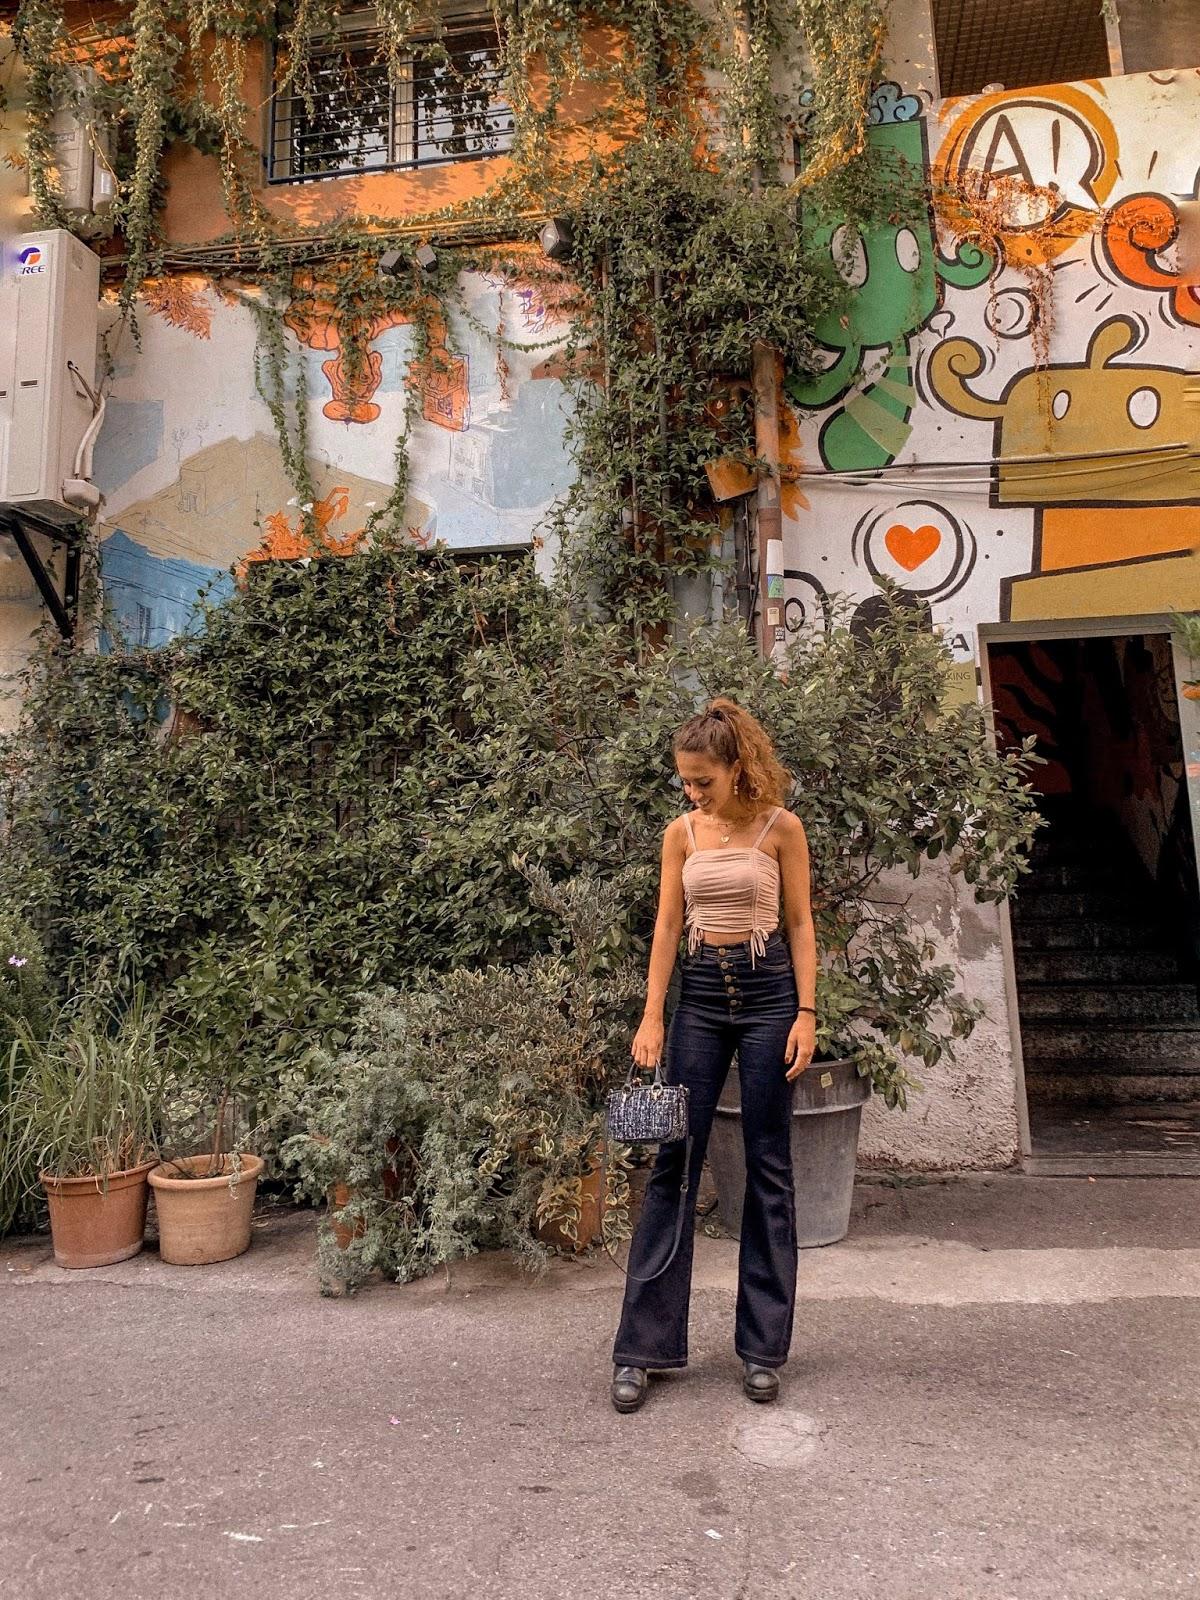 come scegliere i jeans giusti body shape pera, Rossella Migliaccio, femme luxe finery, body shape, come scegliere jeans giusti, Valentina Rago, fashion need